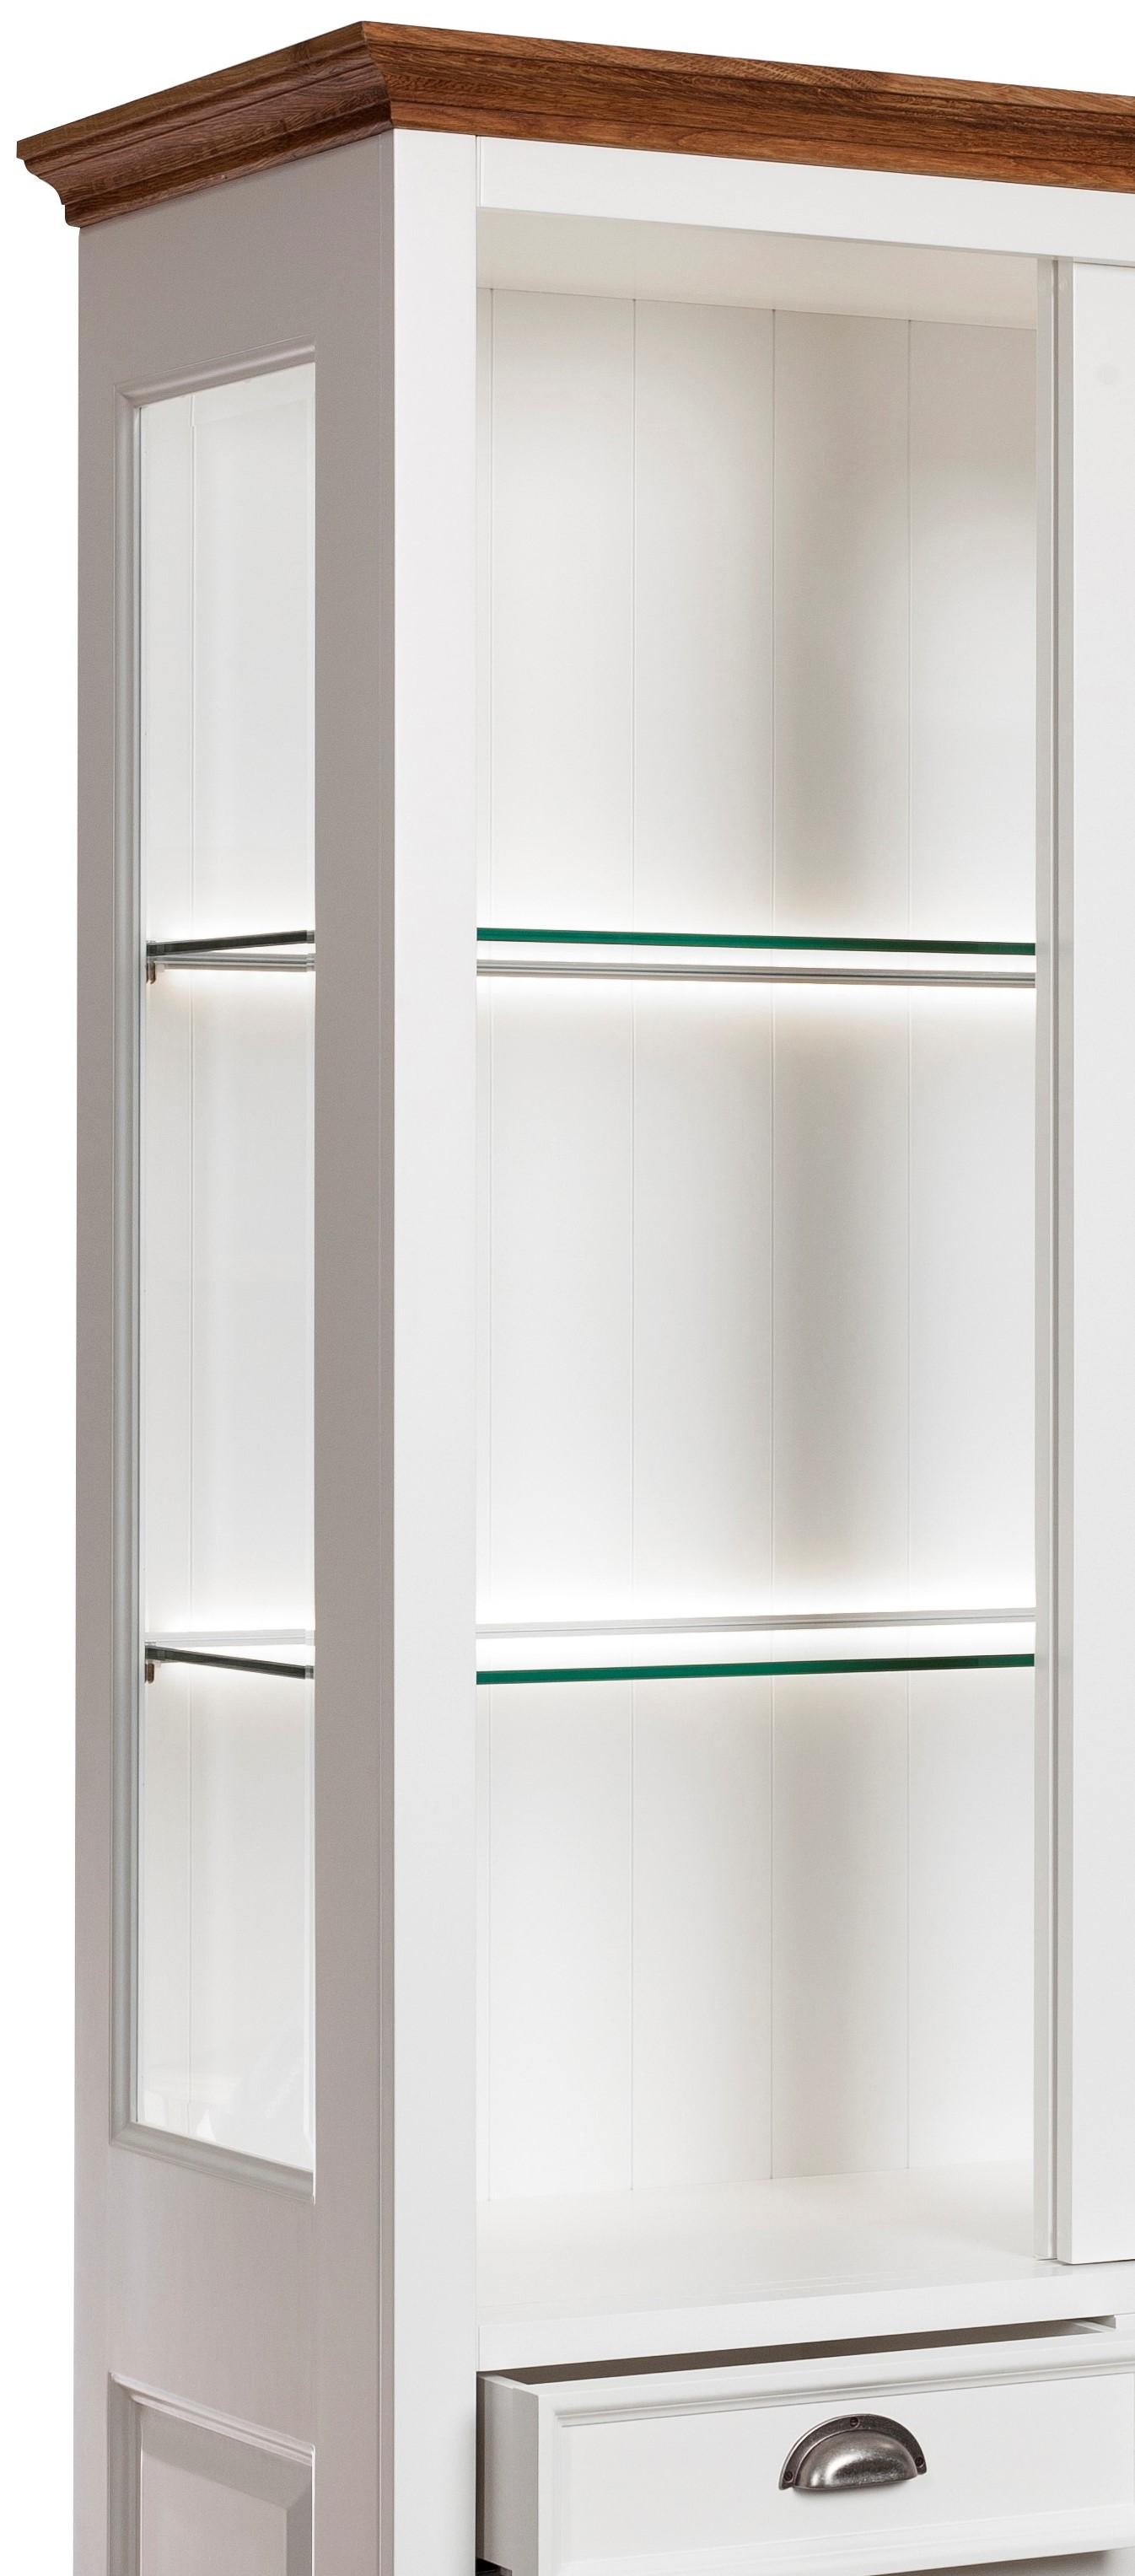 Modesto Doppelvitrine mit Schiebetüren weiß aus Birke/MDF